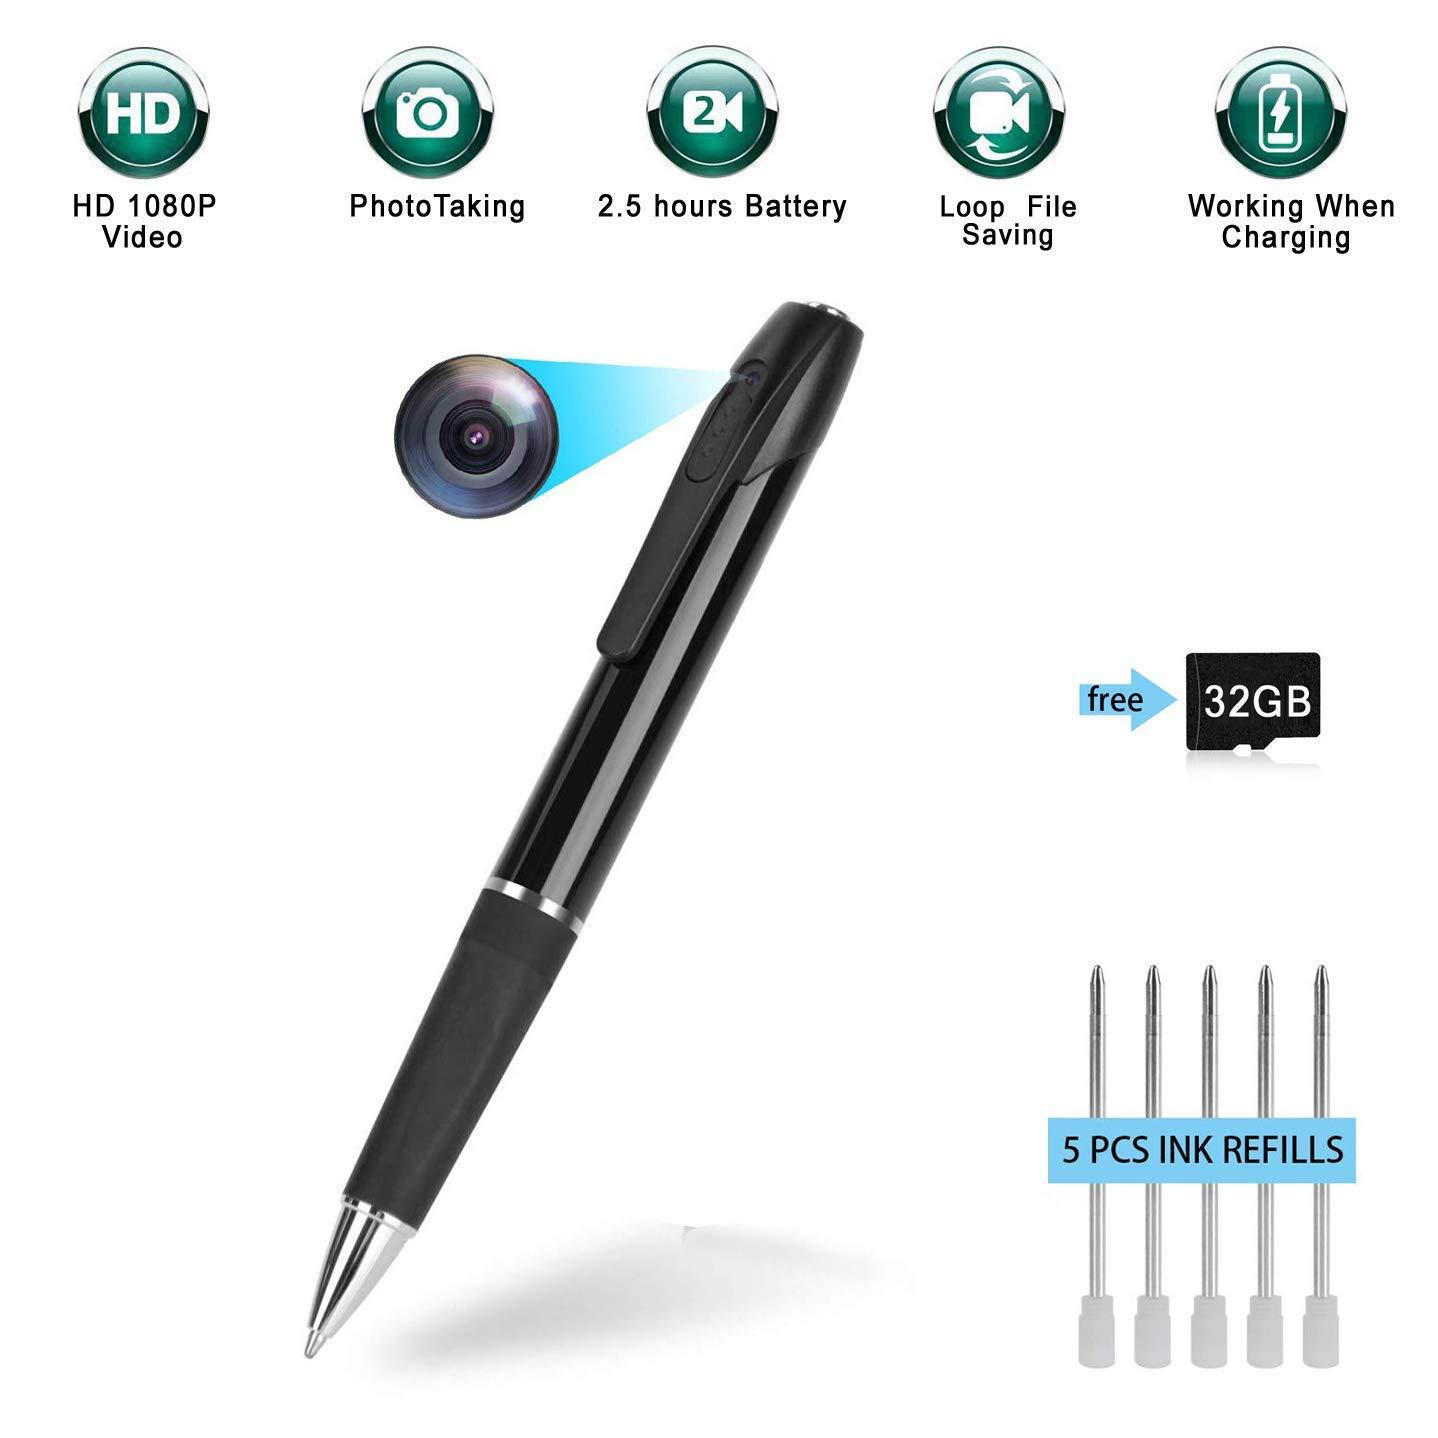 Mini penna per fotocamera-Penna per telecamera spia-Penna per fotocamera nascosta HD 1080p HD 2,5 ore di video Durata della batteria con 32 GB di memoria per conferenze aziendali e sicurezza GSmade